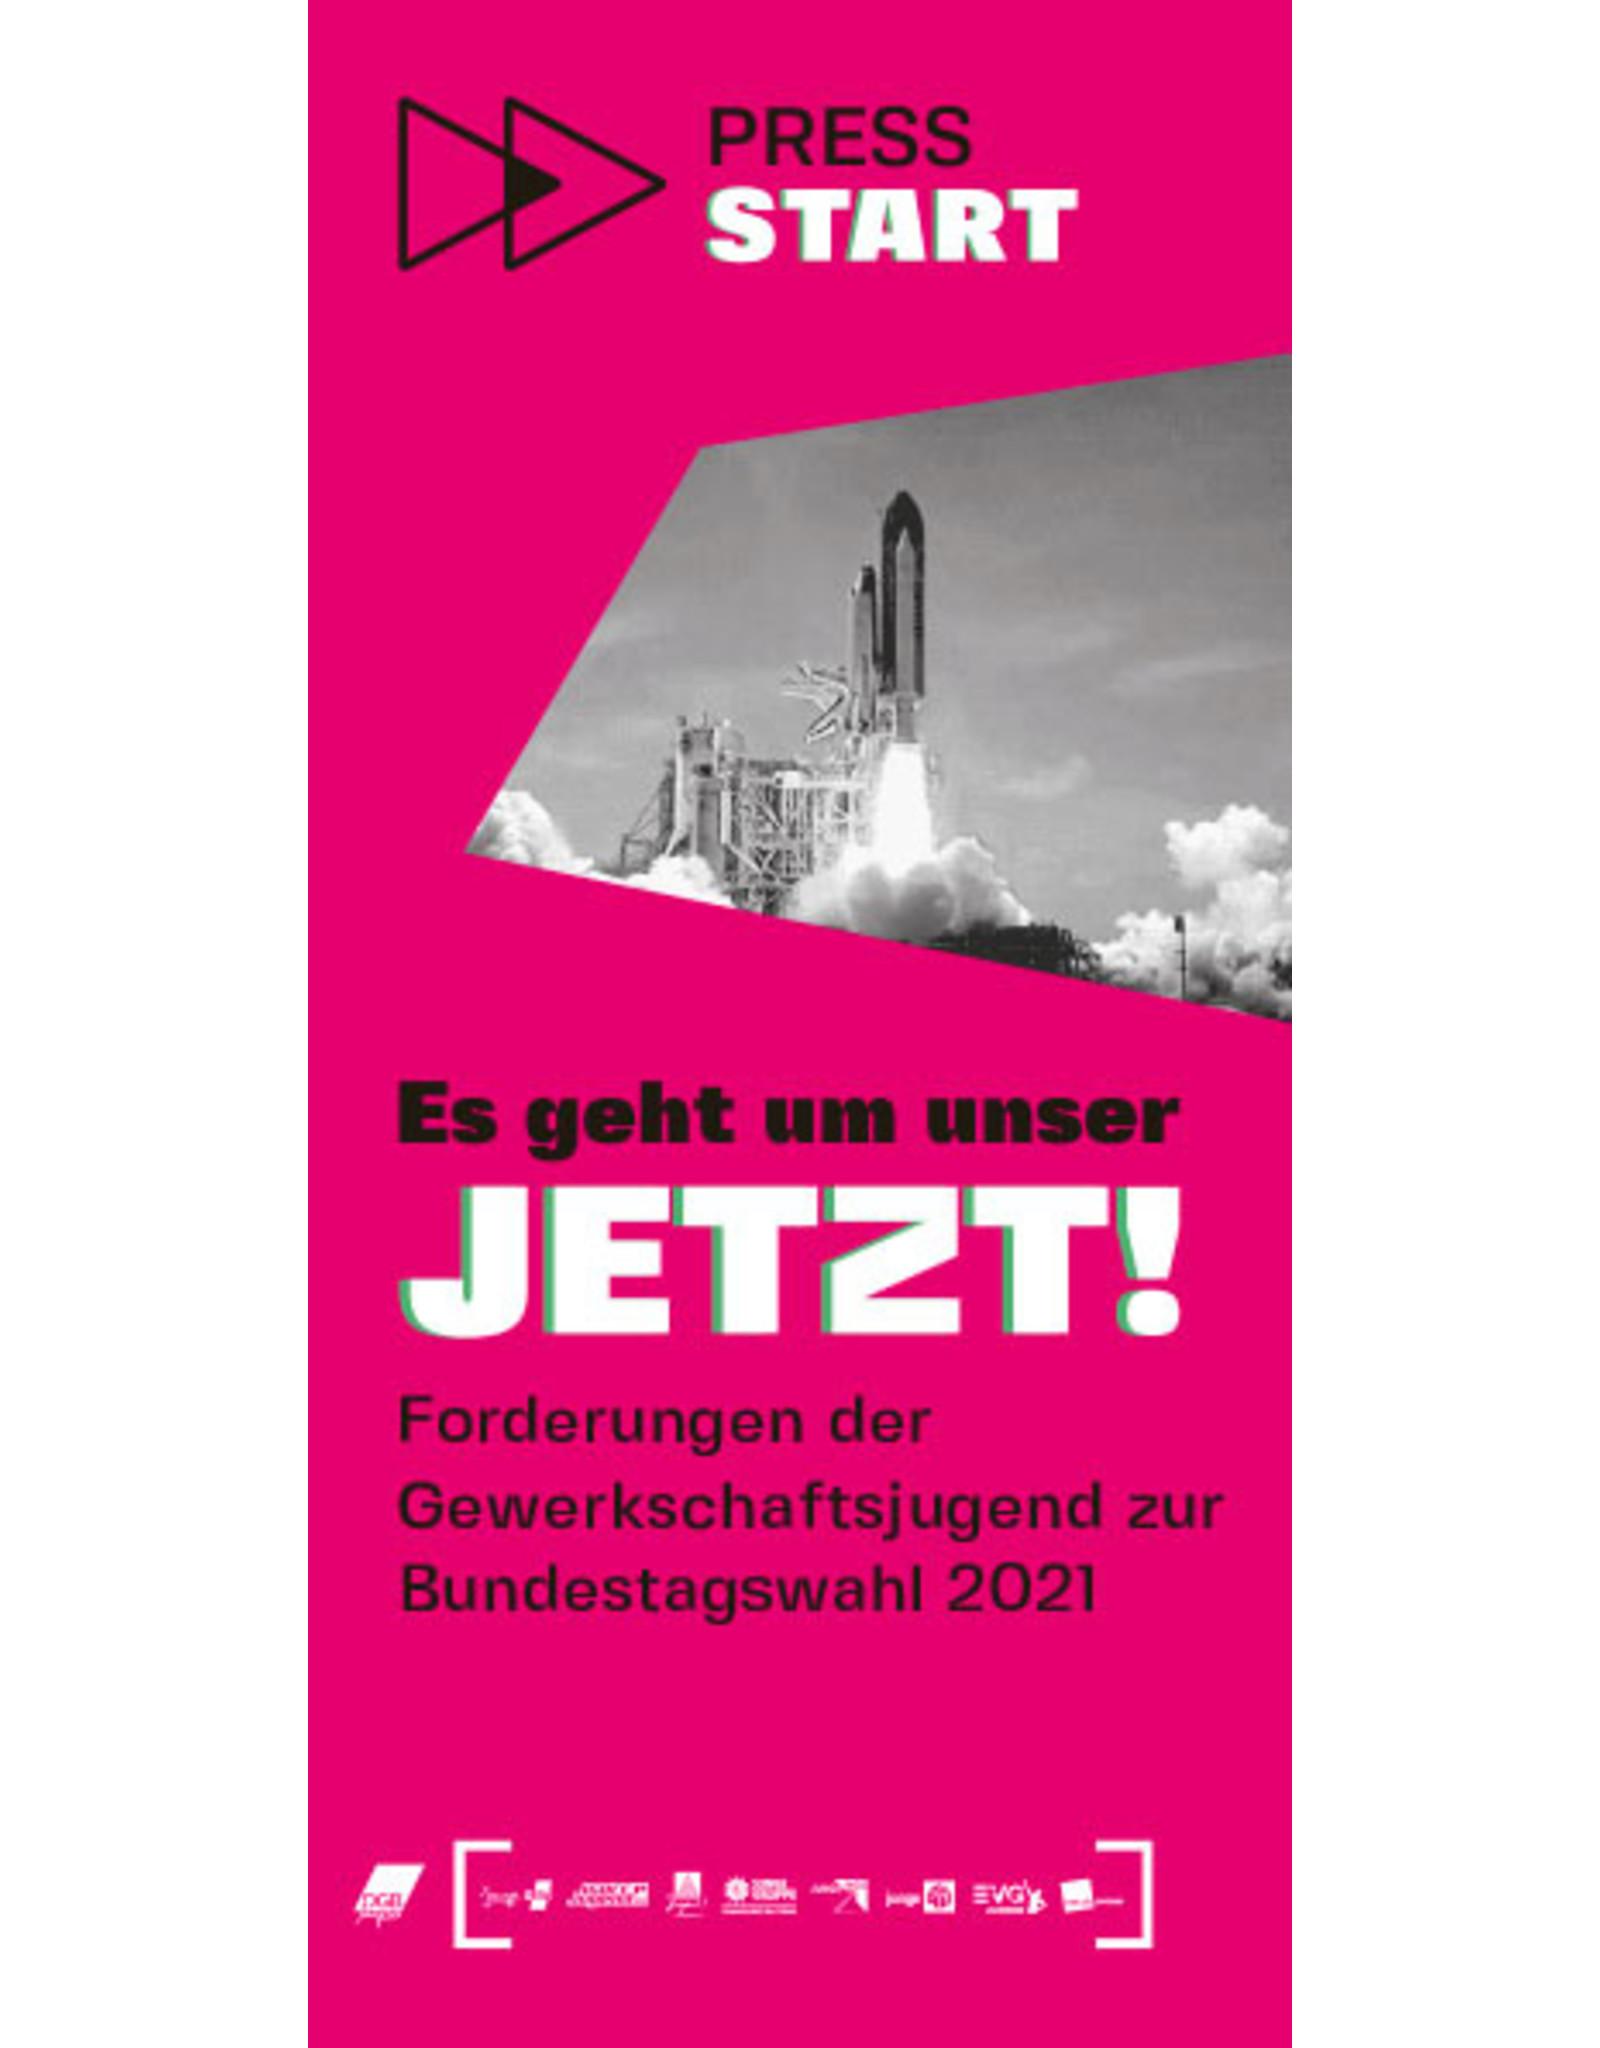 PRESS START – Forderungsflyer der DGB-Jugend zur Bundestagswahl 2021